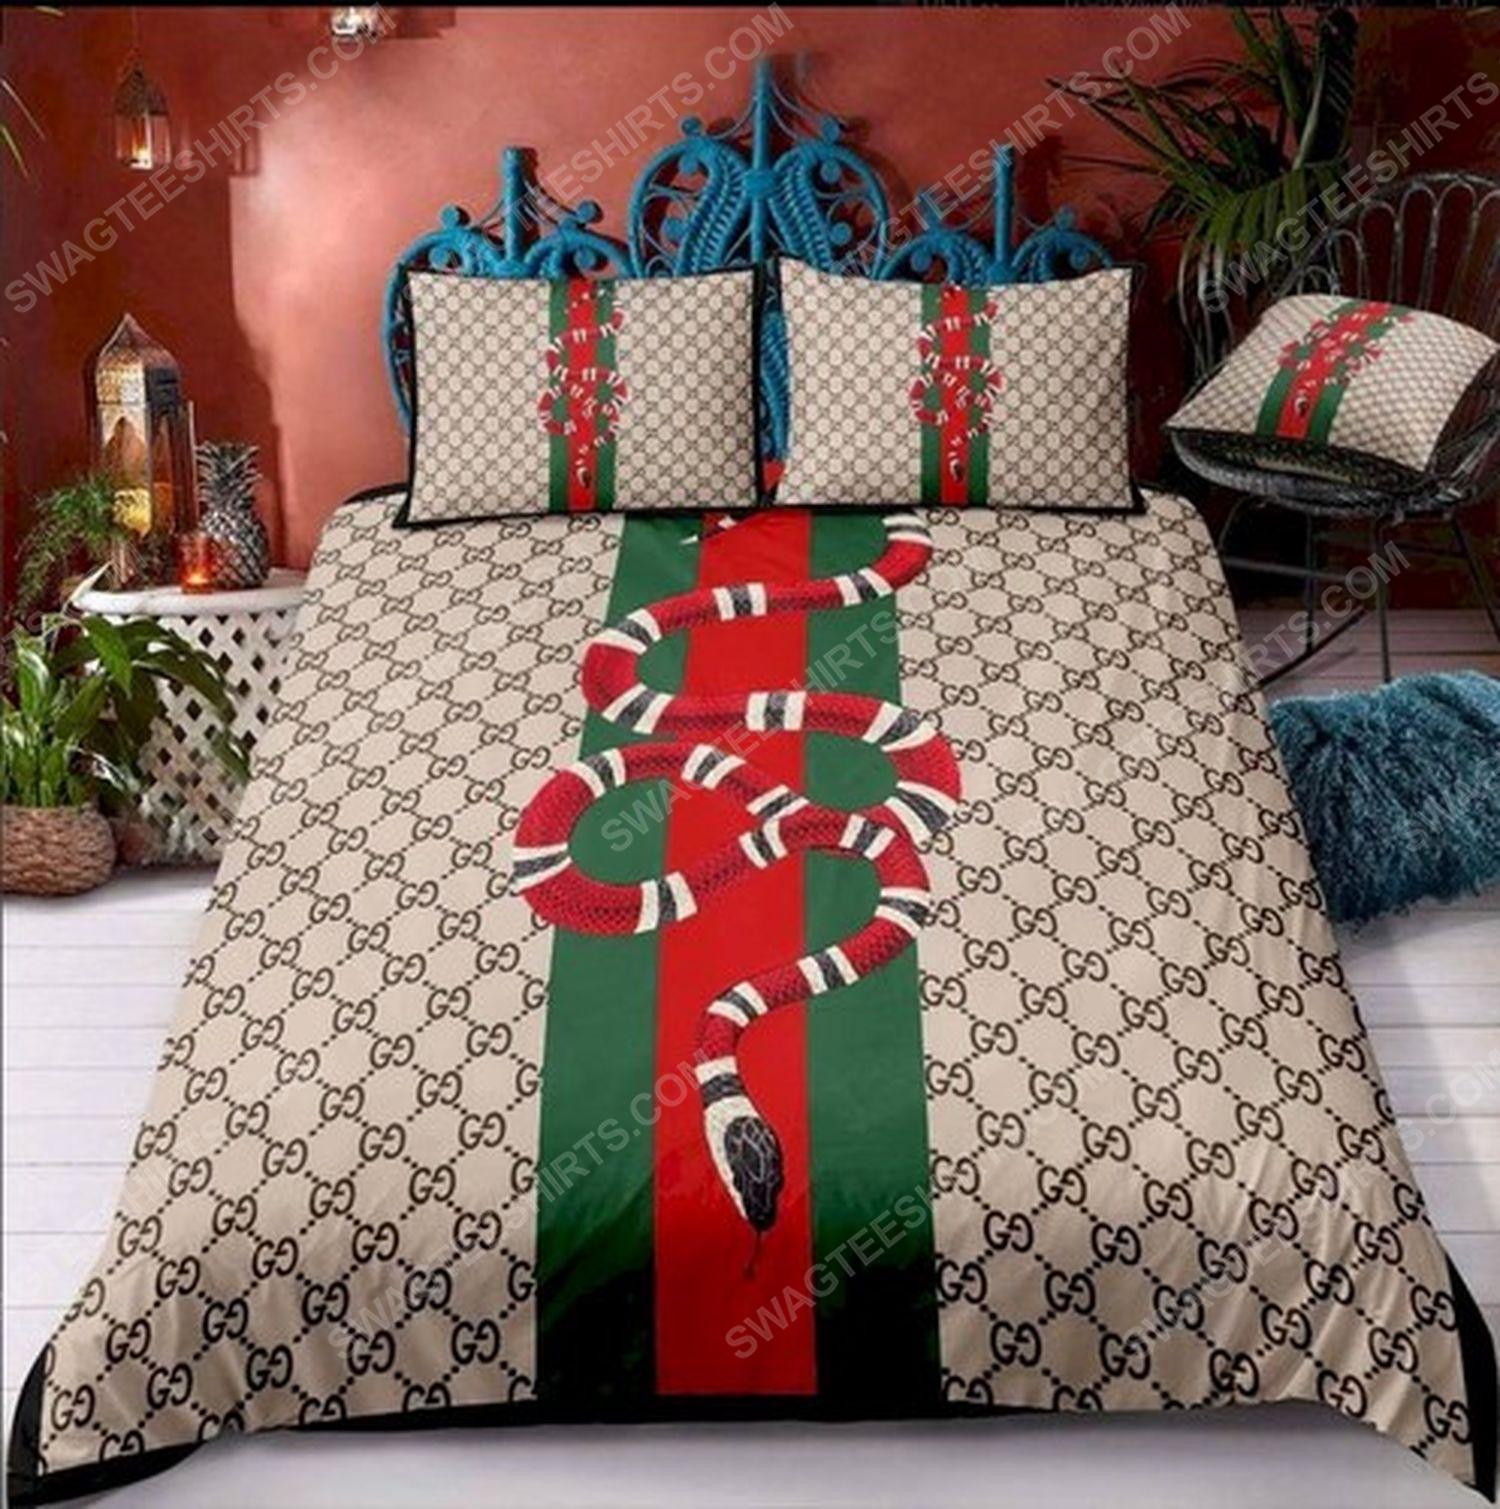 Gucci and snack symbols full print duvet cover bedding set 2 - Copy